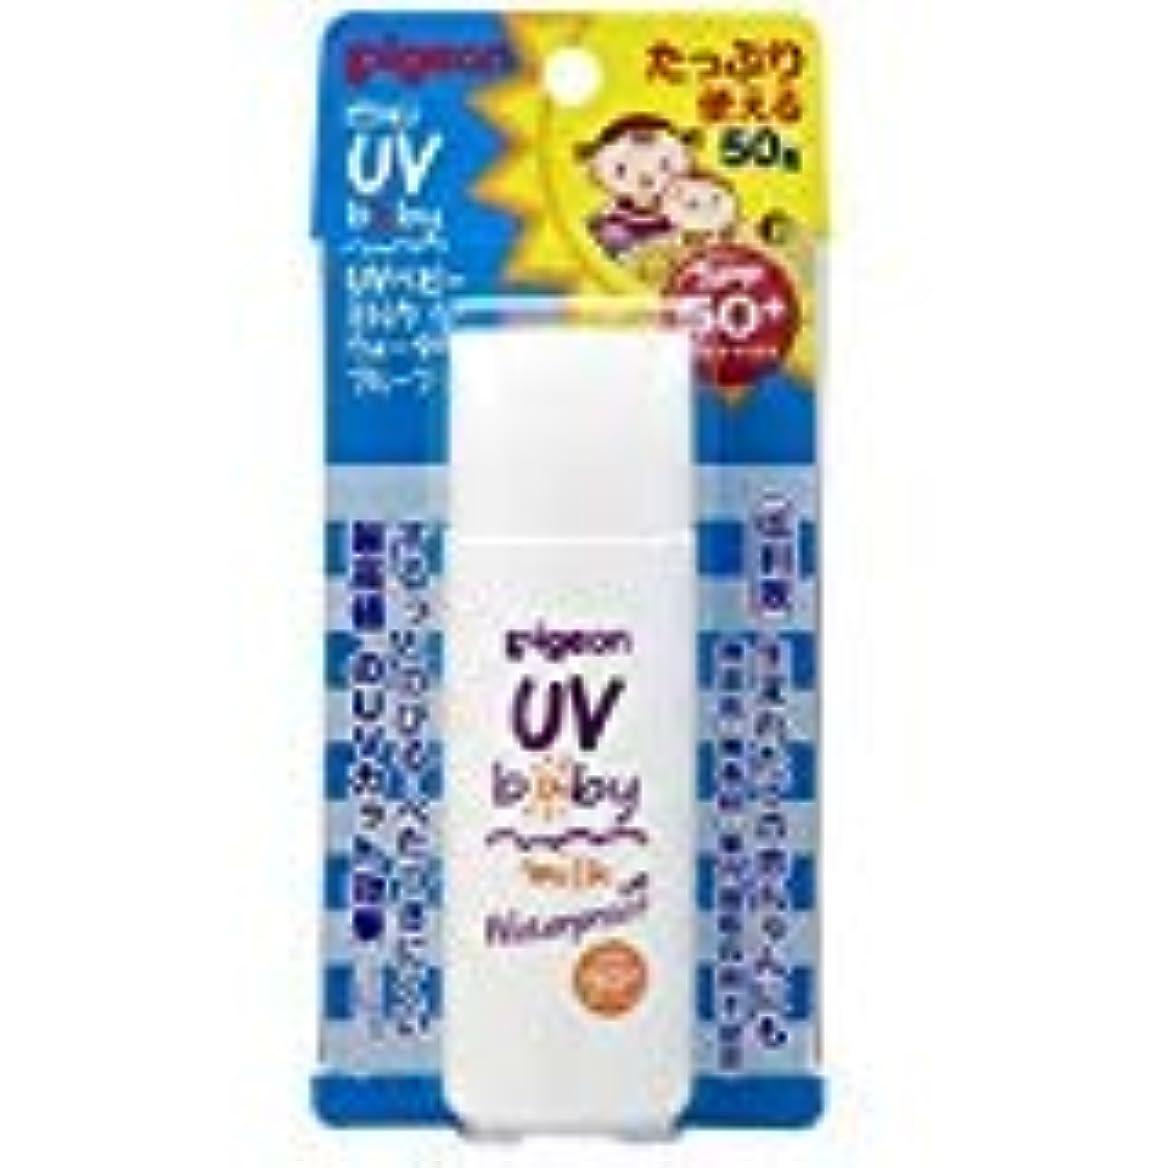 剛性教養があるキャップピジョン UVベビーミルク ウォータープルーフ SPF50+ 50g